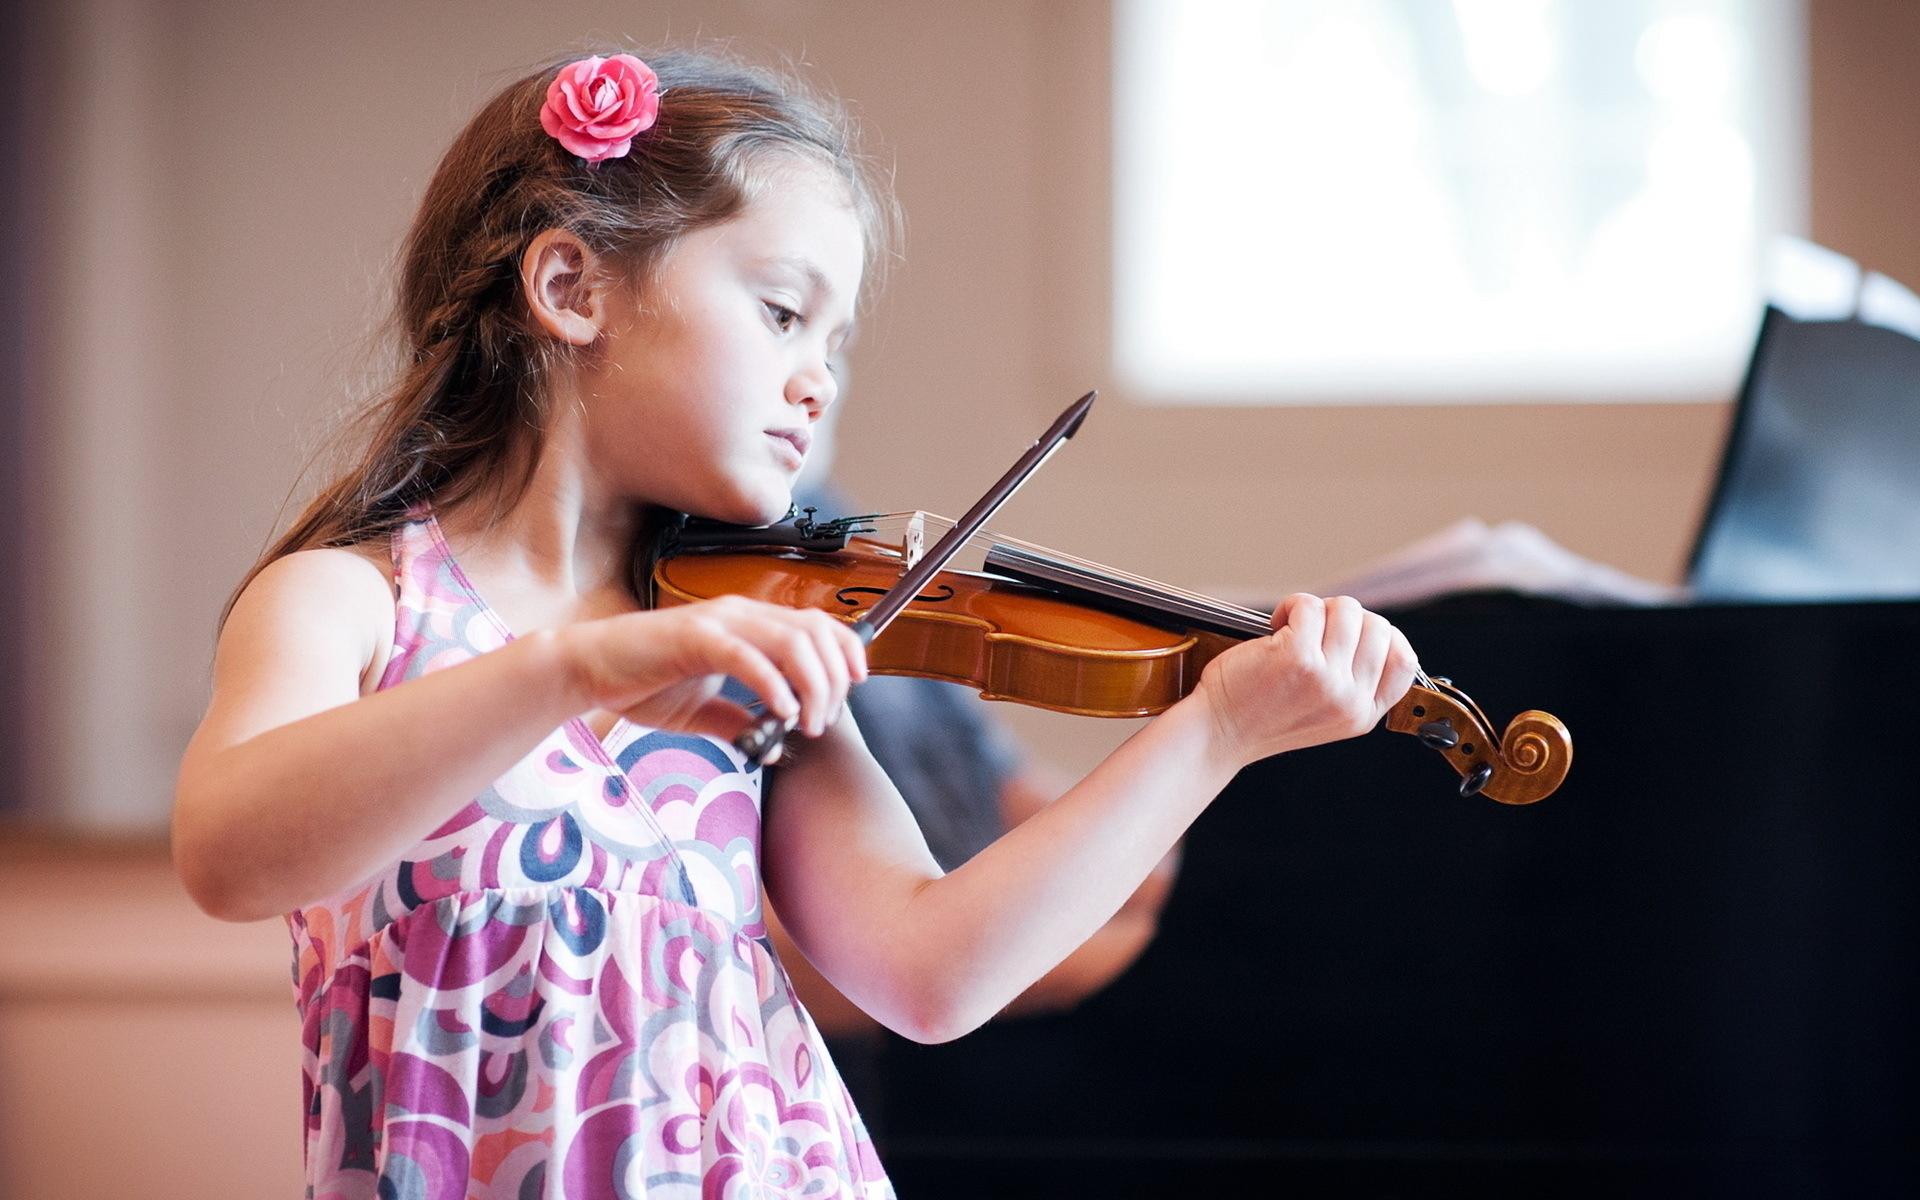 Дети играют на музыкальных инструментах картинки